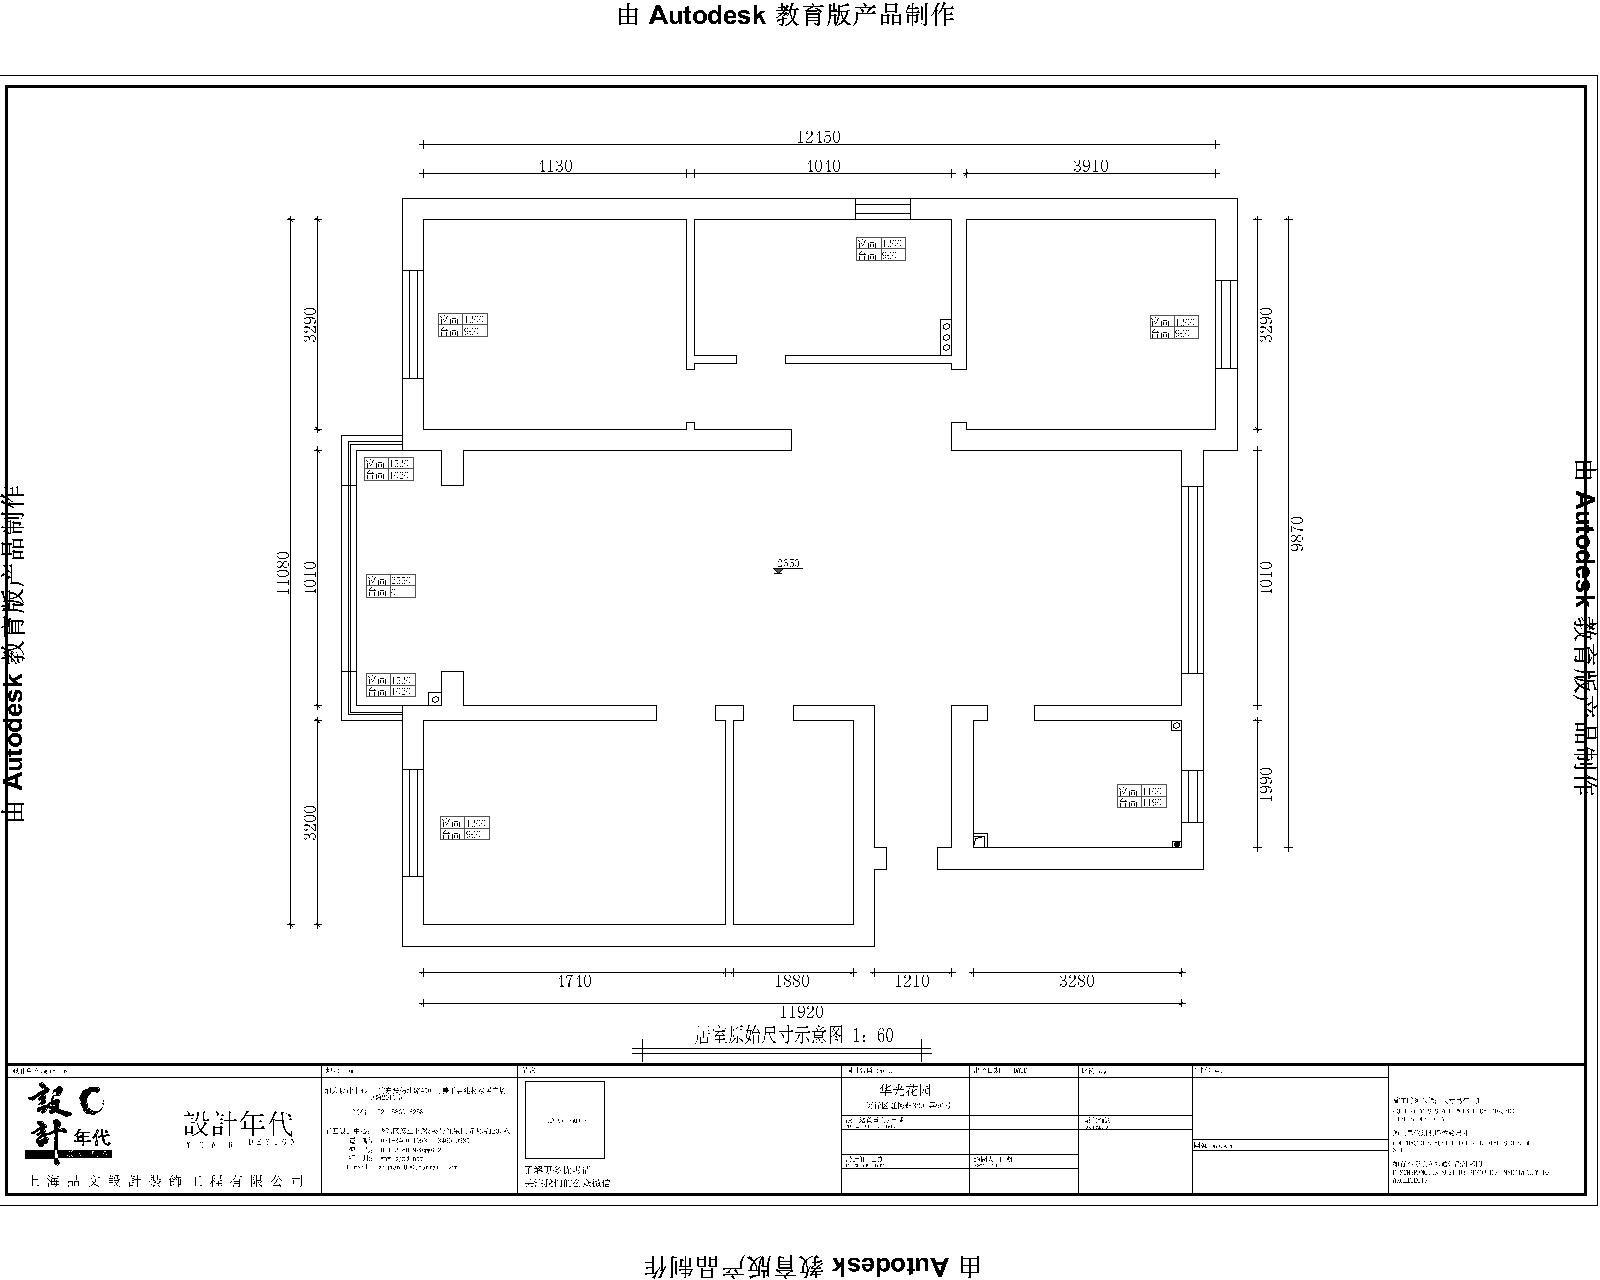 闵行区虹梅路3297弄96号华光花园-Model.jpg